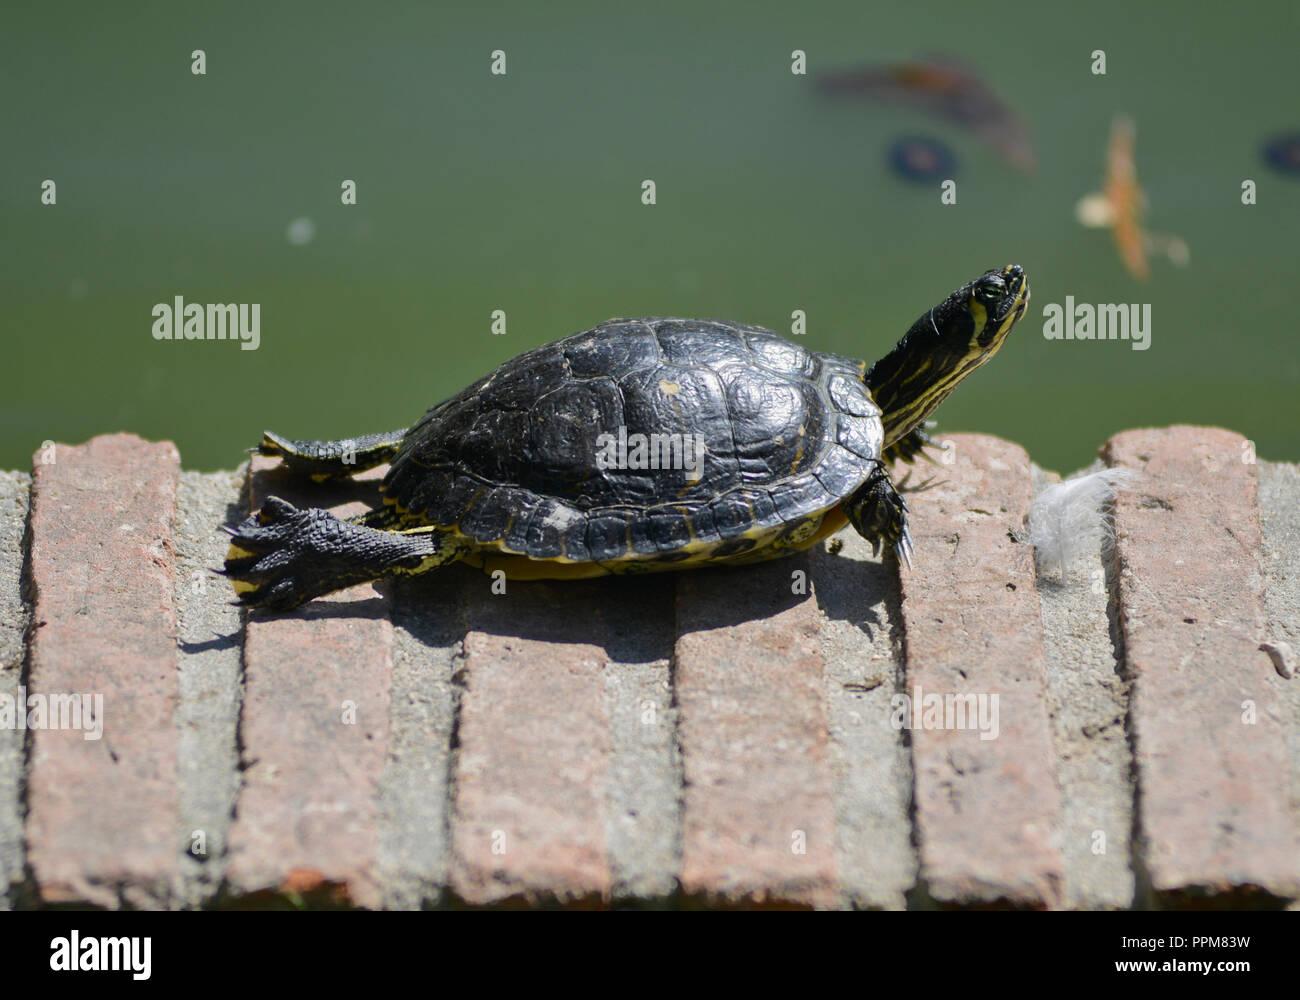 Turtles sunbathing. Buen Retiro Park - Parque del Buen Retiro, Madrid, Spain Stock Photo